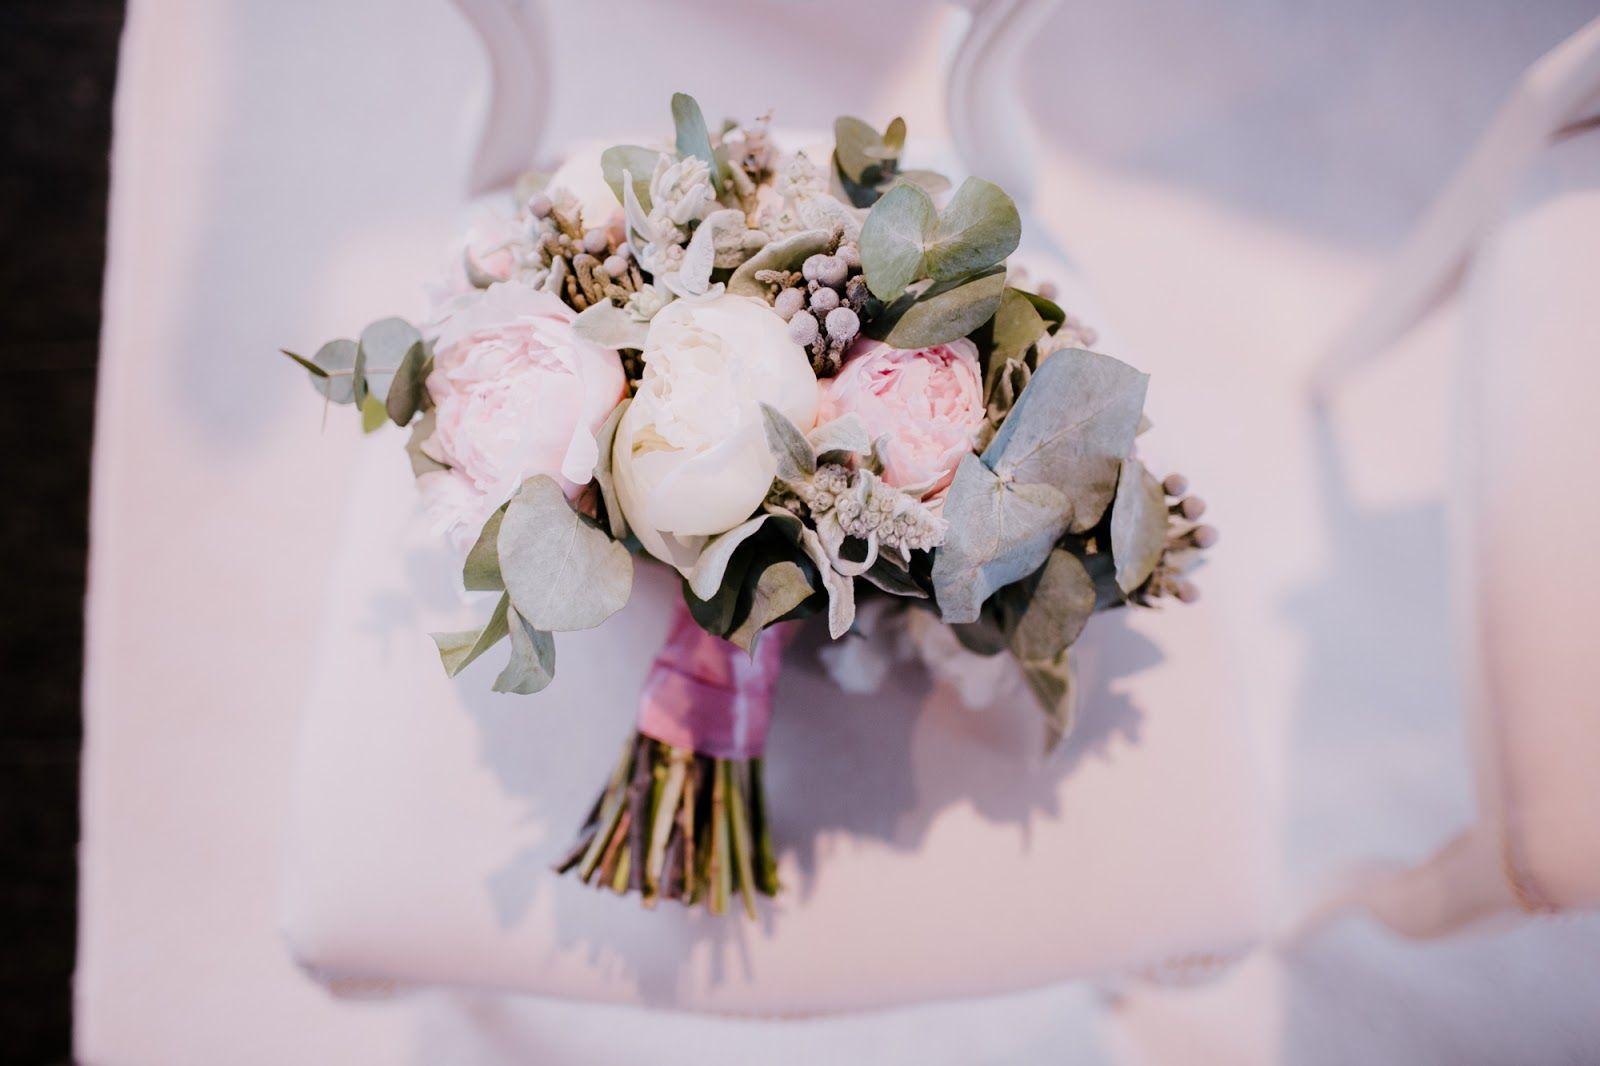 Moj Bukiet Slubny I Dekoracja Kosciola Na Slub Wedding Flowers Styloly Blog By Aleksandra Marzeda Crown Jewelry Crown